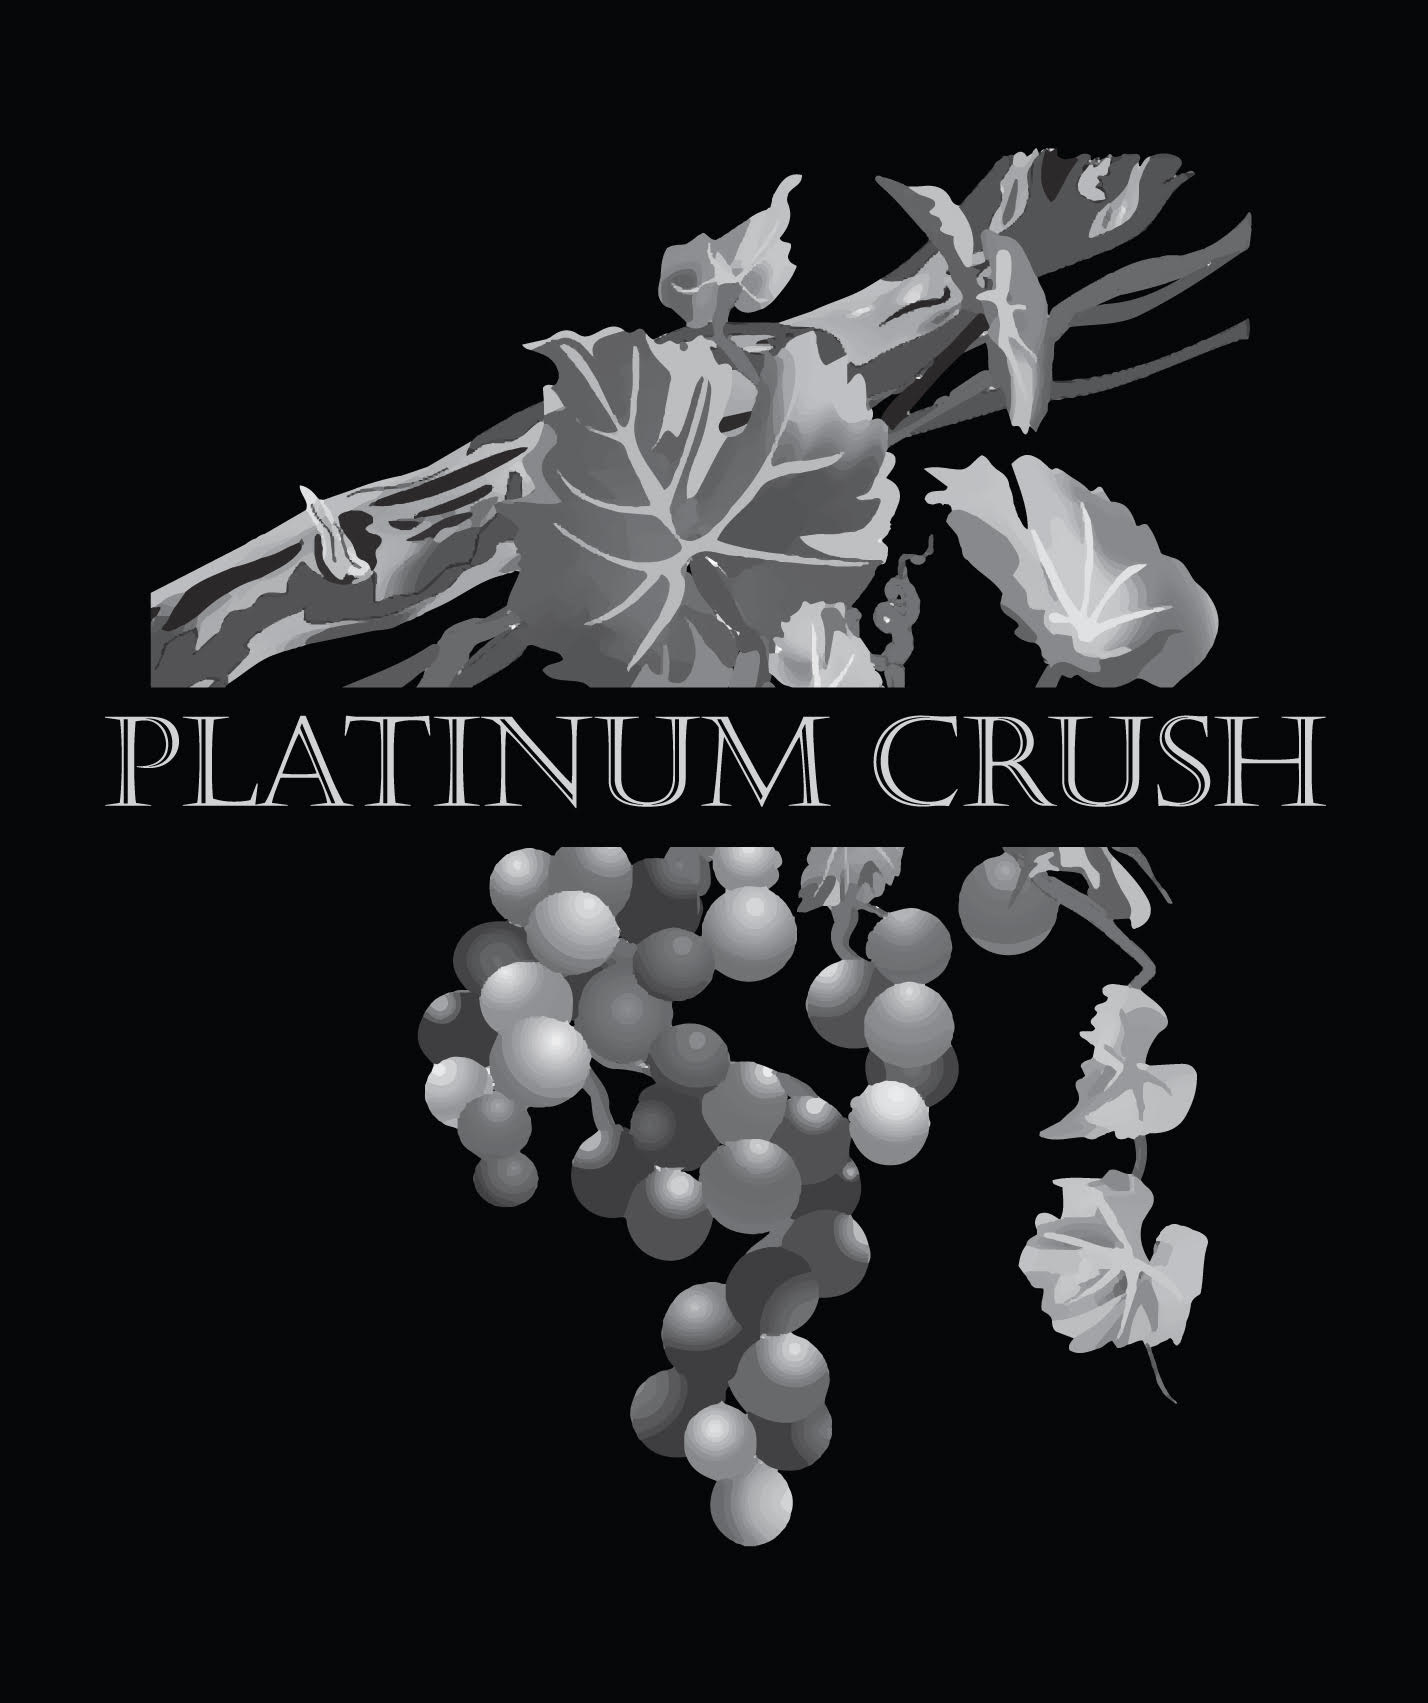 Platinum Crush